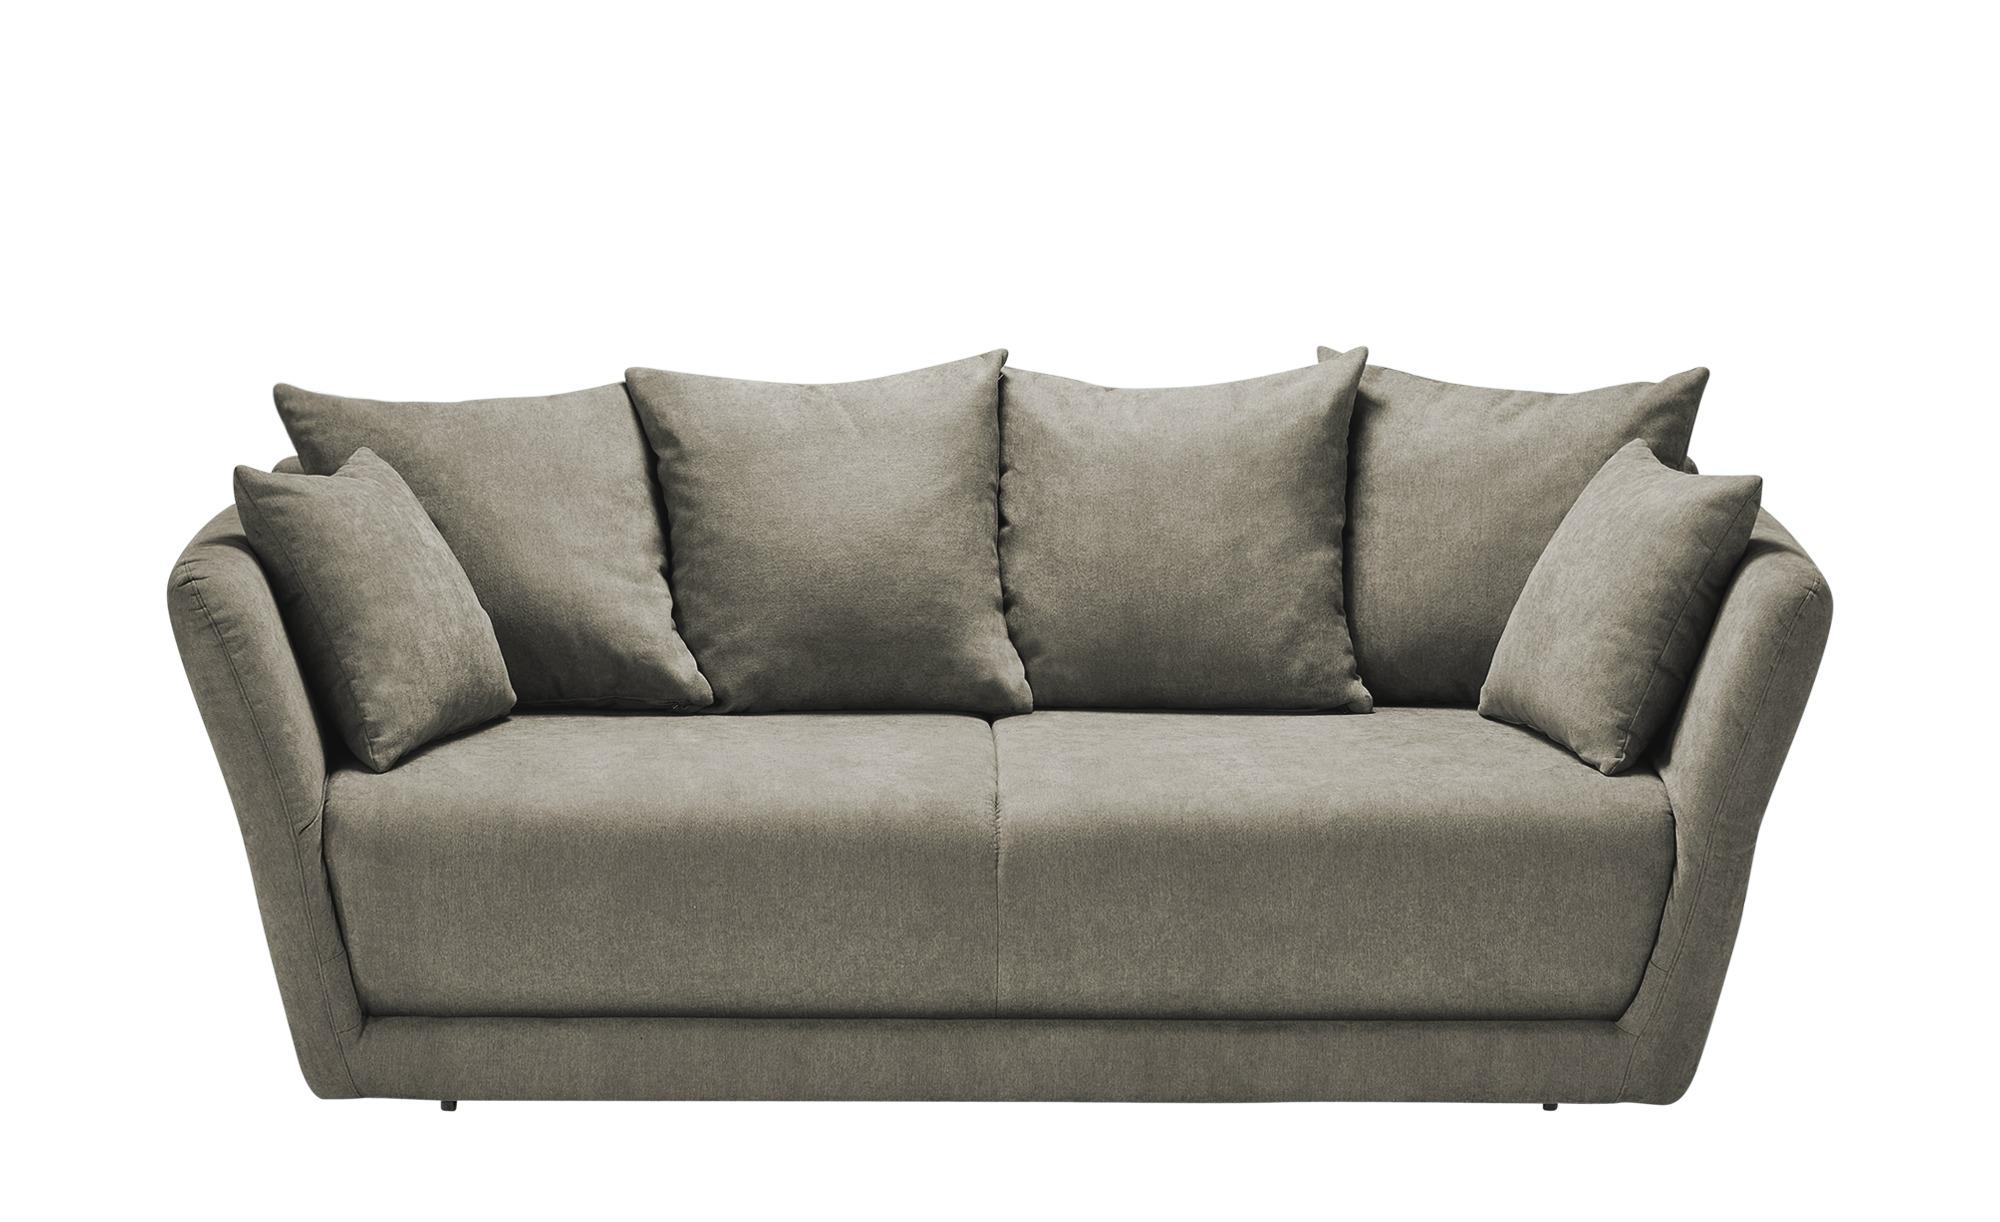 Schlafsofa  Vevi ¦ braun ¦ Maße (cm): B: 210 H: 83 T: 98 Polstermöbel > Sofas > Einzelsofas - Höffner